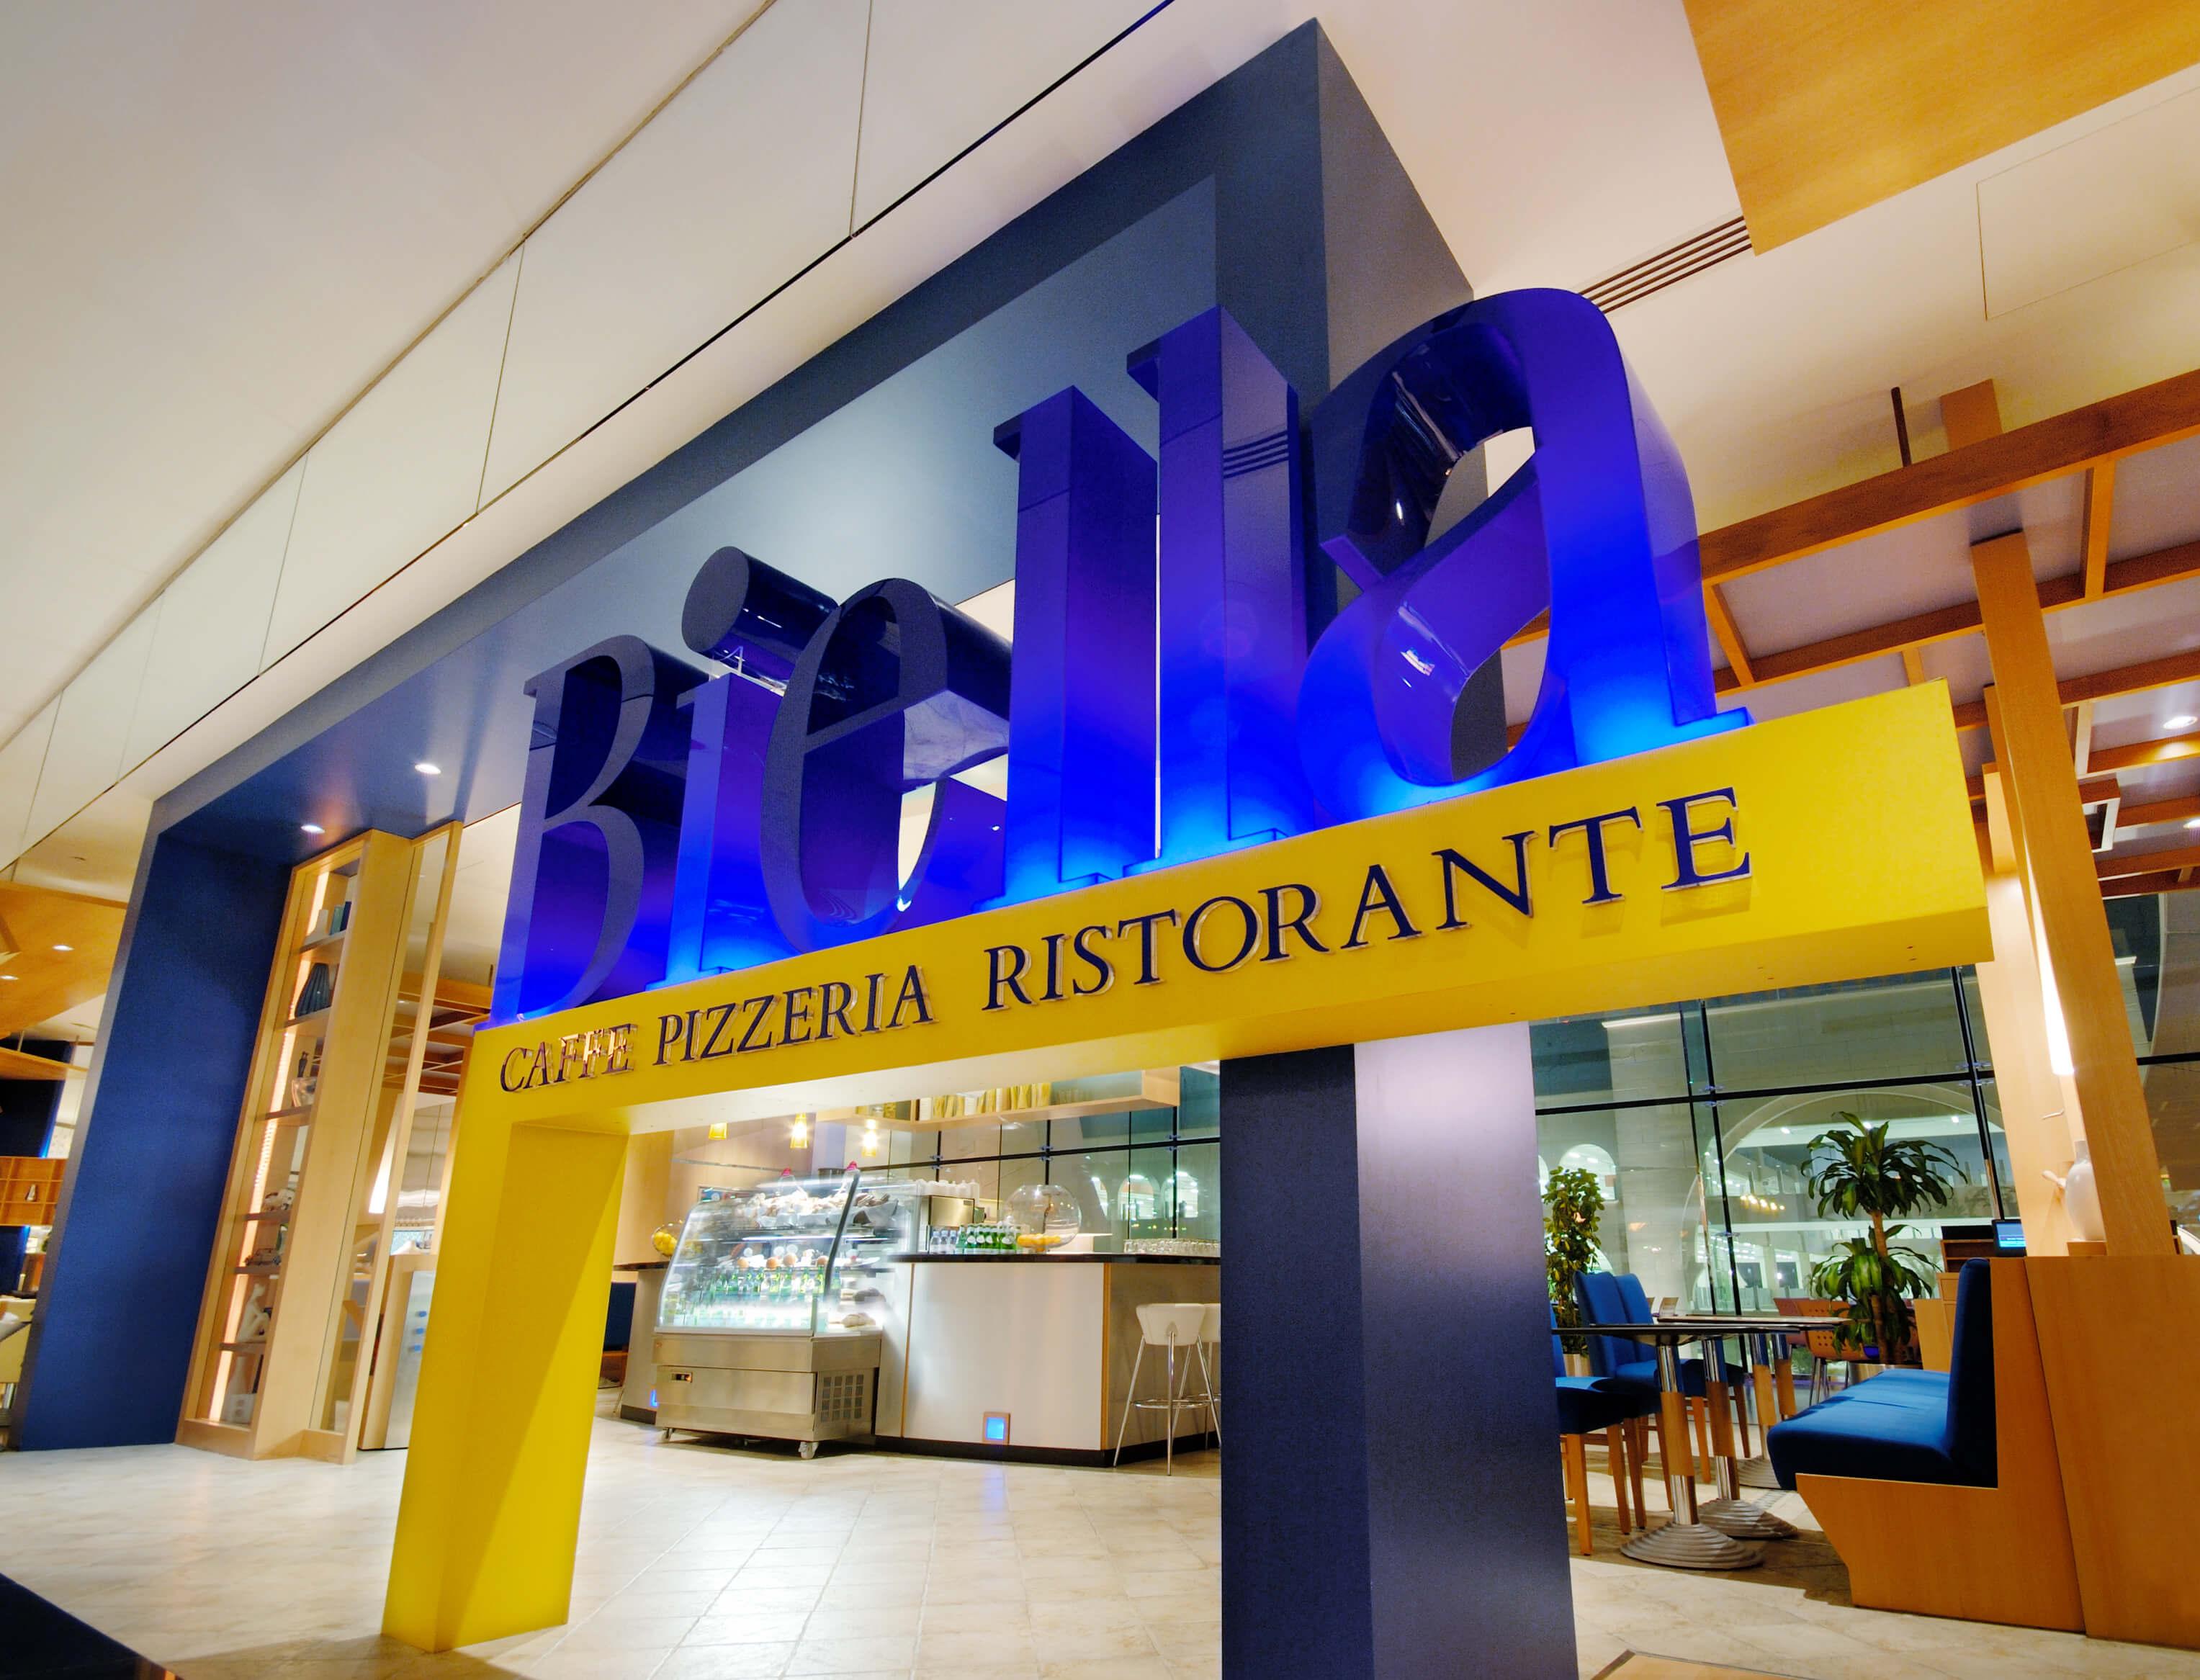 Casual italian restaurant and pizzeria interiors